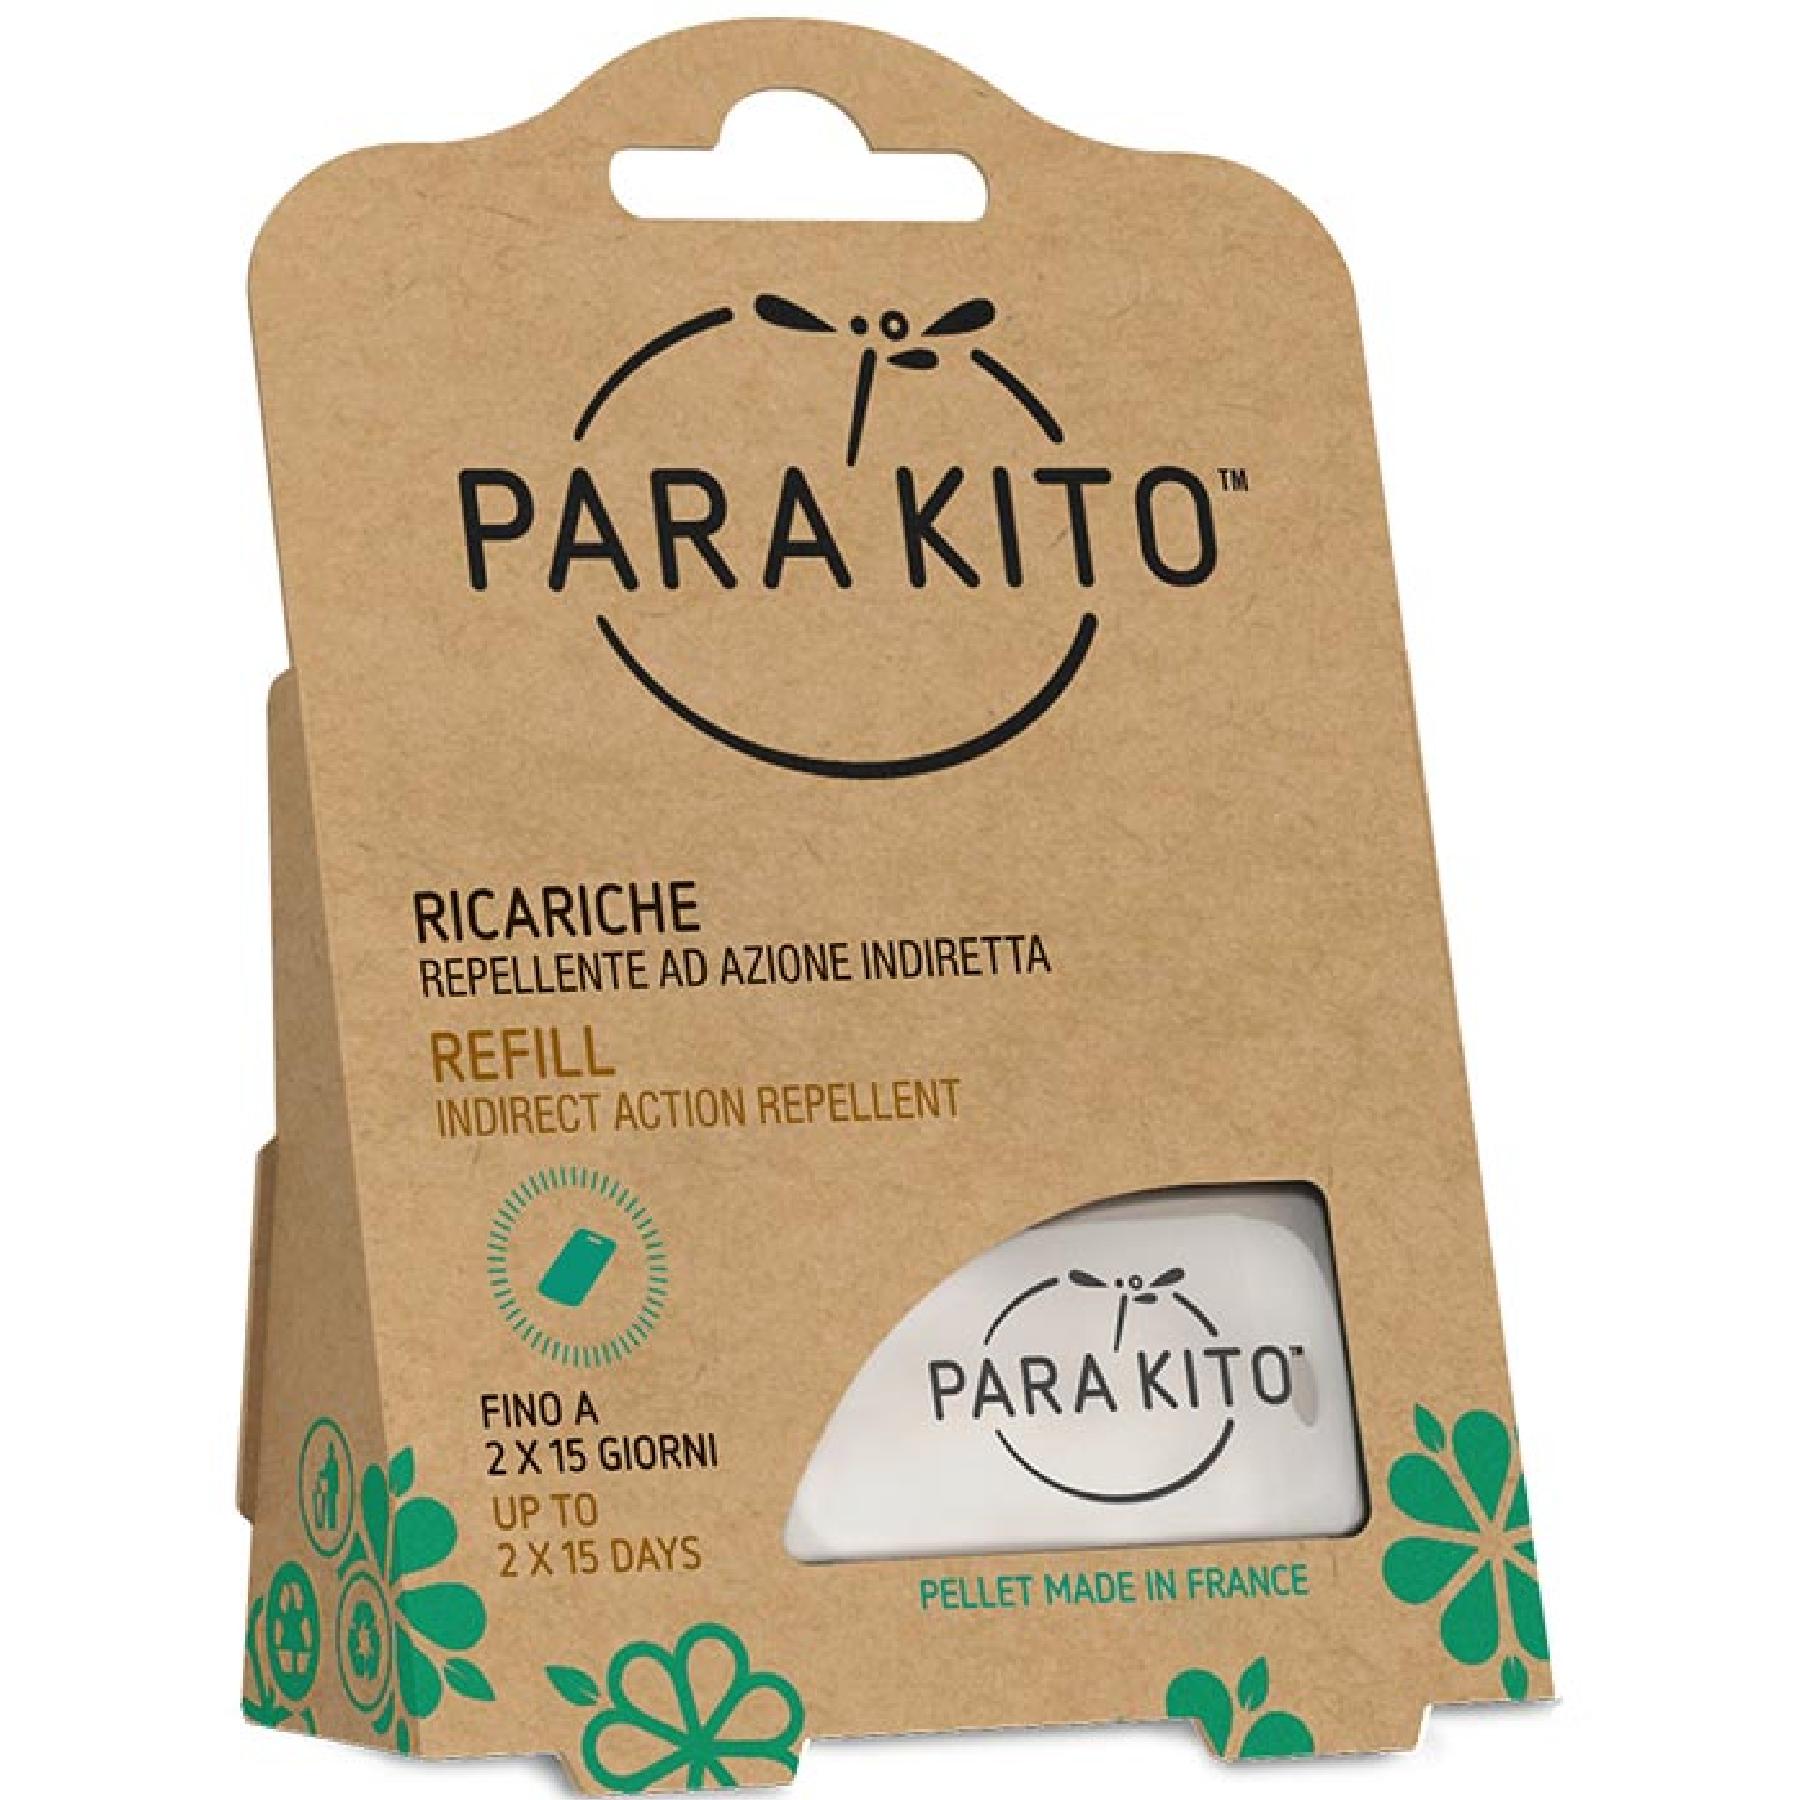 Parakito piastrine repellenti antizanzare per ricarica braccialetto (2 pz)